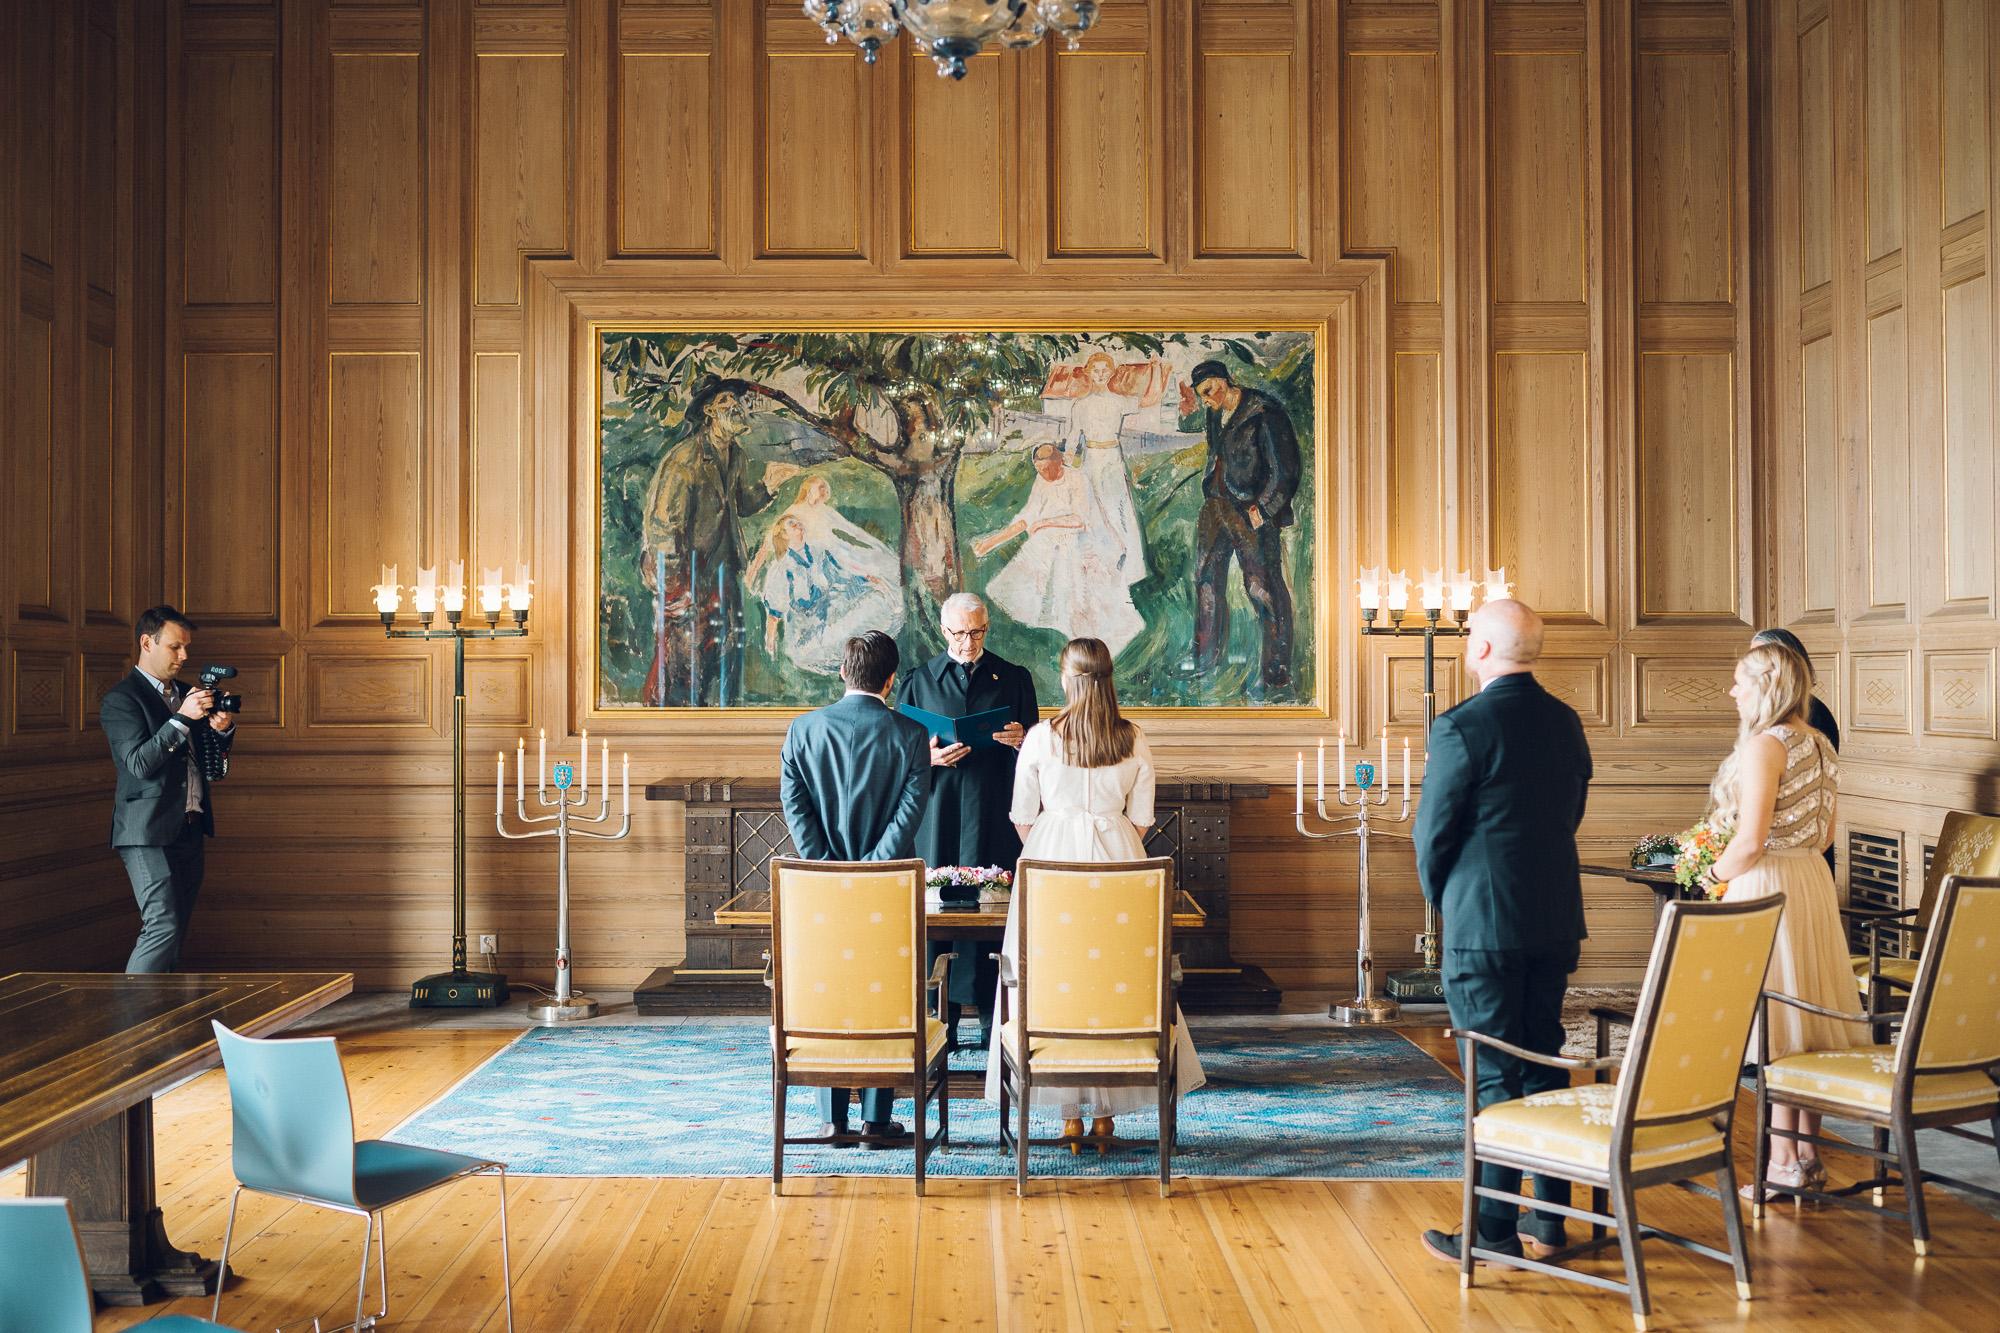 Vielse på rådhuset. Et maleri i bakgrunnen. Stor sal. Brud og brudgom står i midten av bildet.